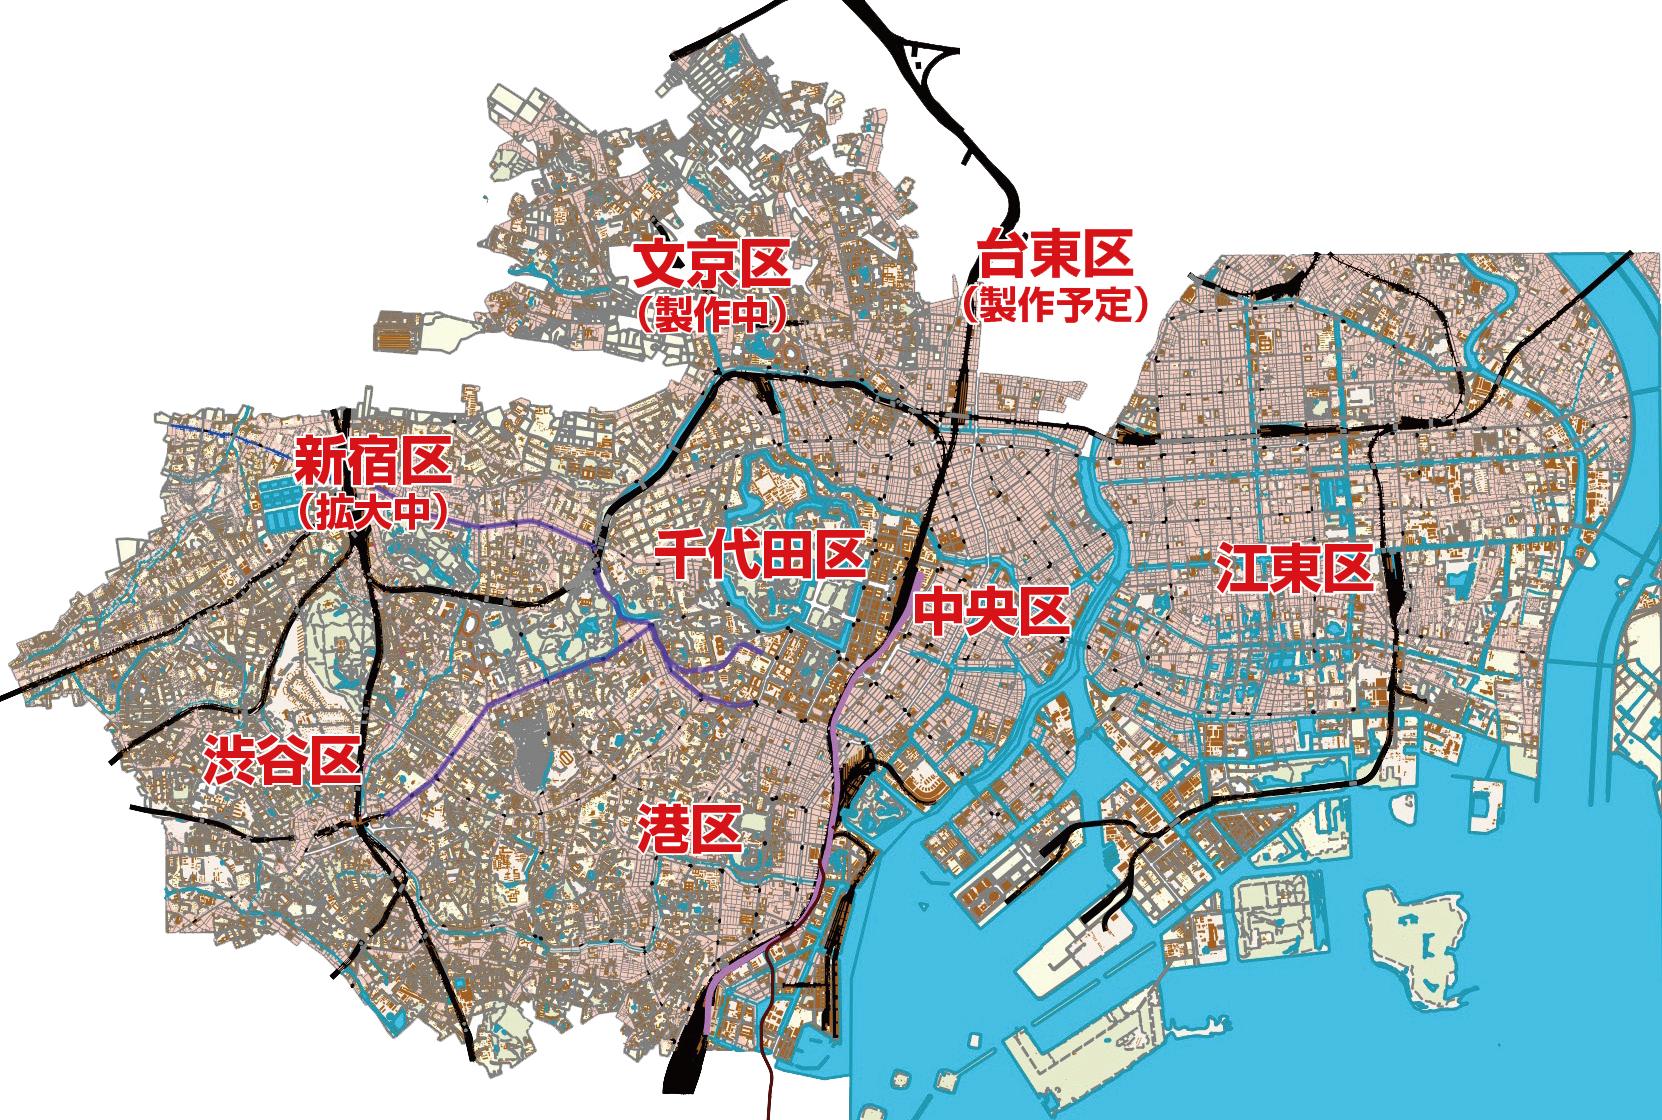 1962年の地図のカバー範囲